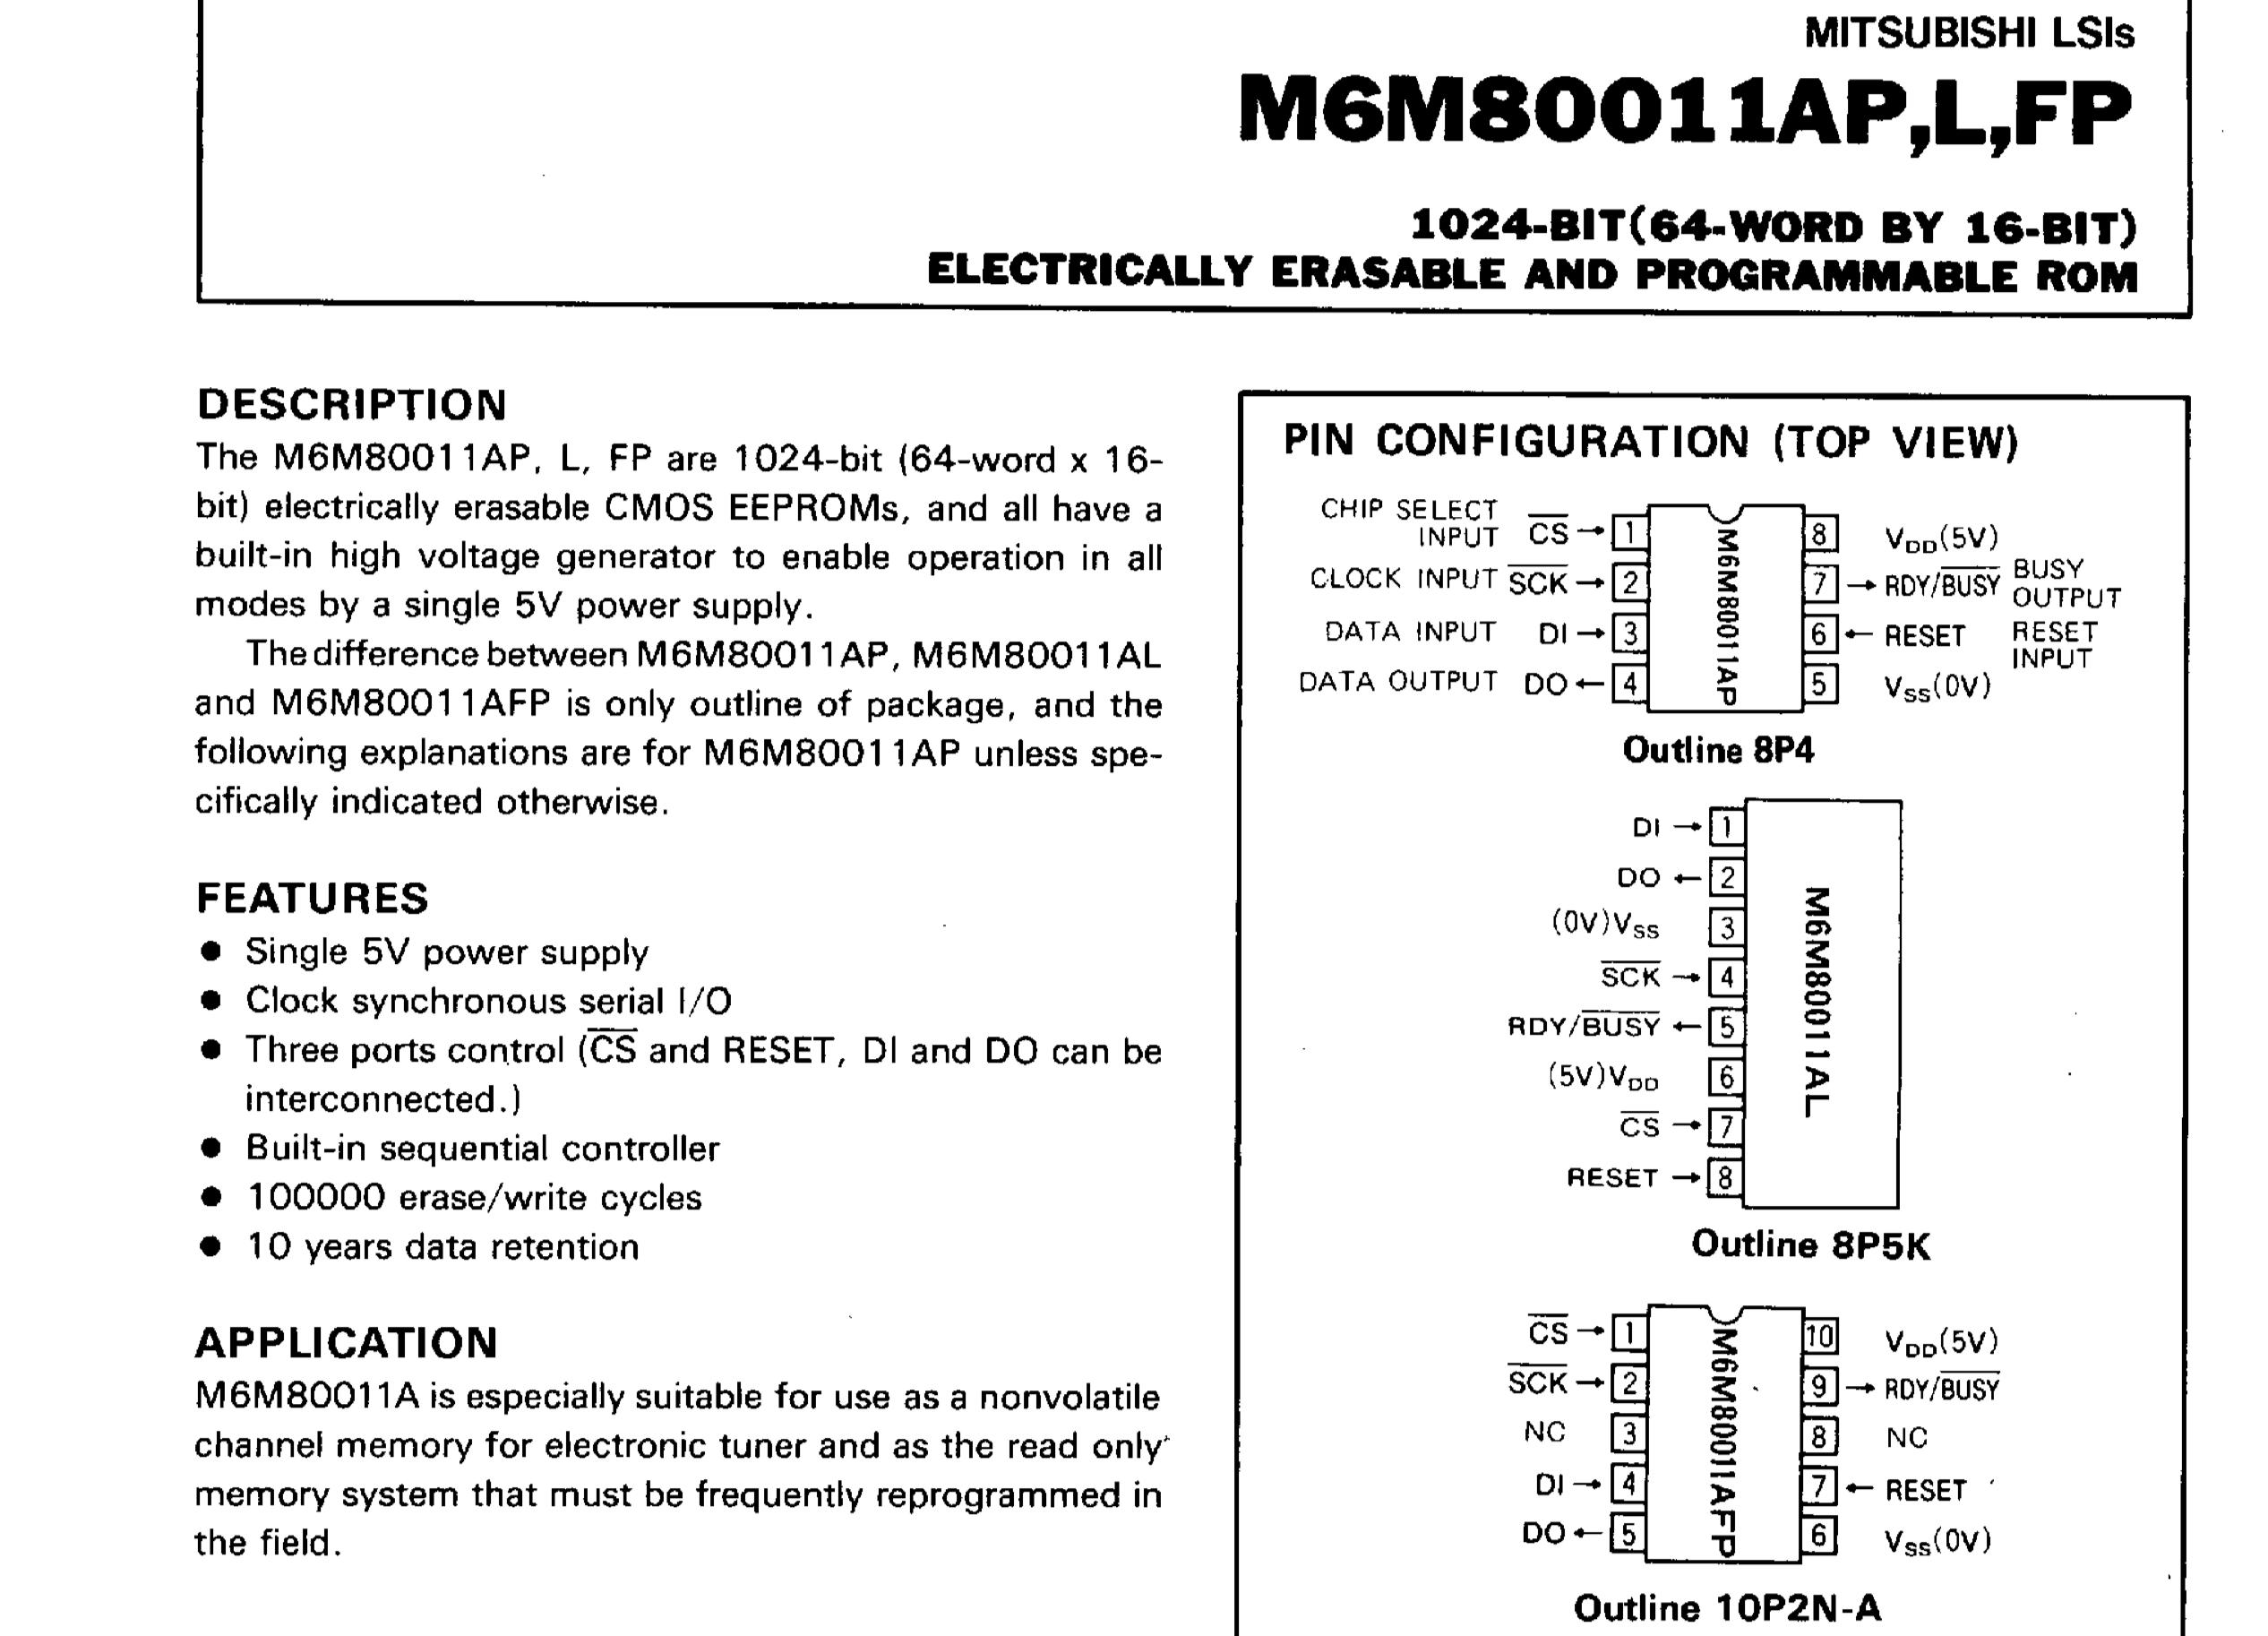 M6M80011AP data sheet page 1